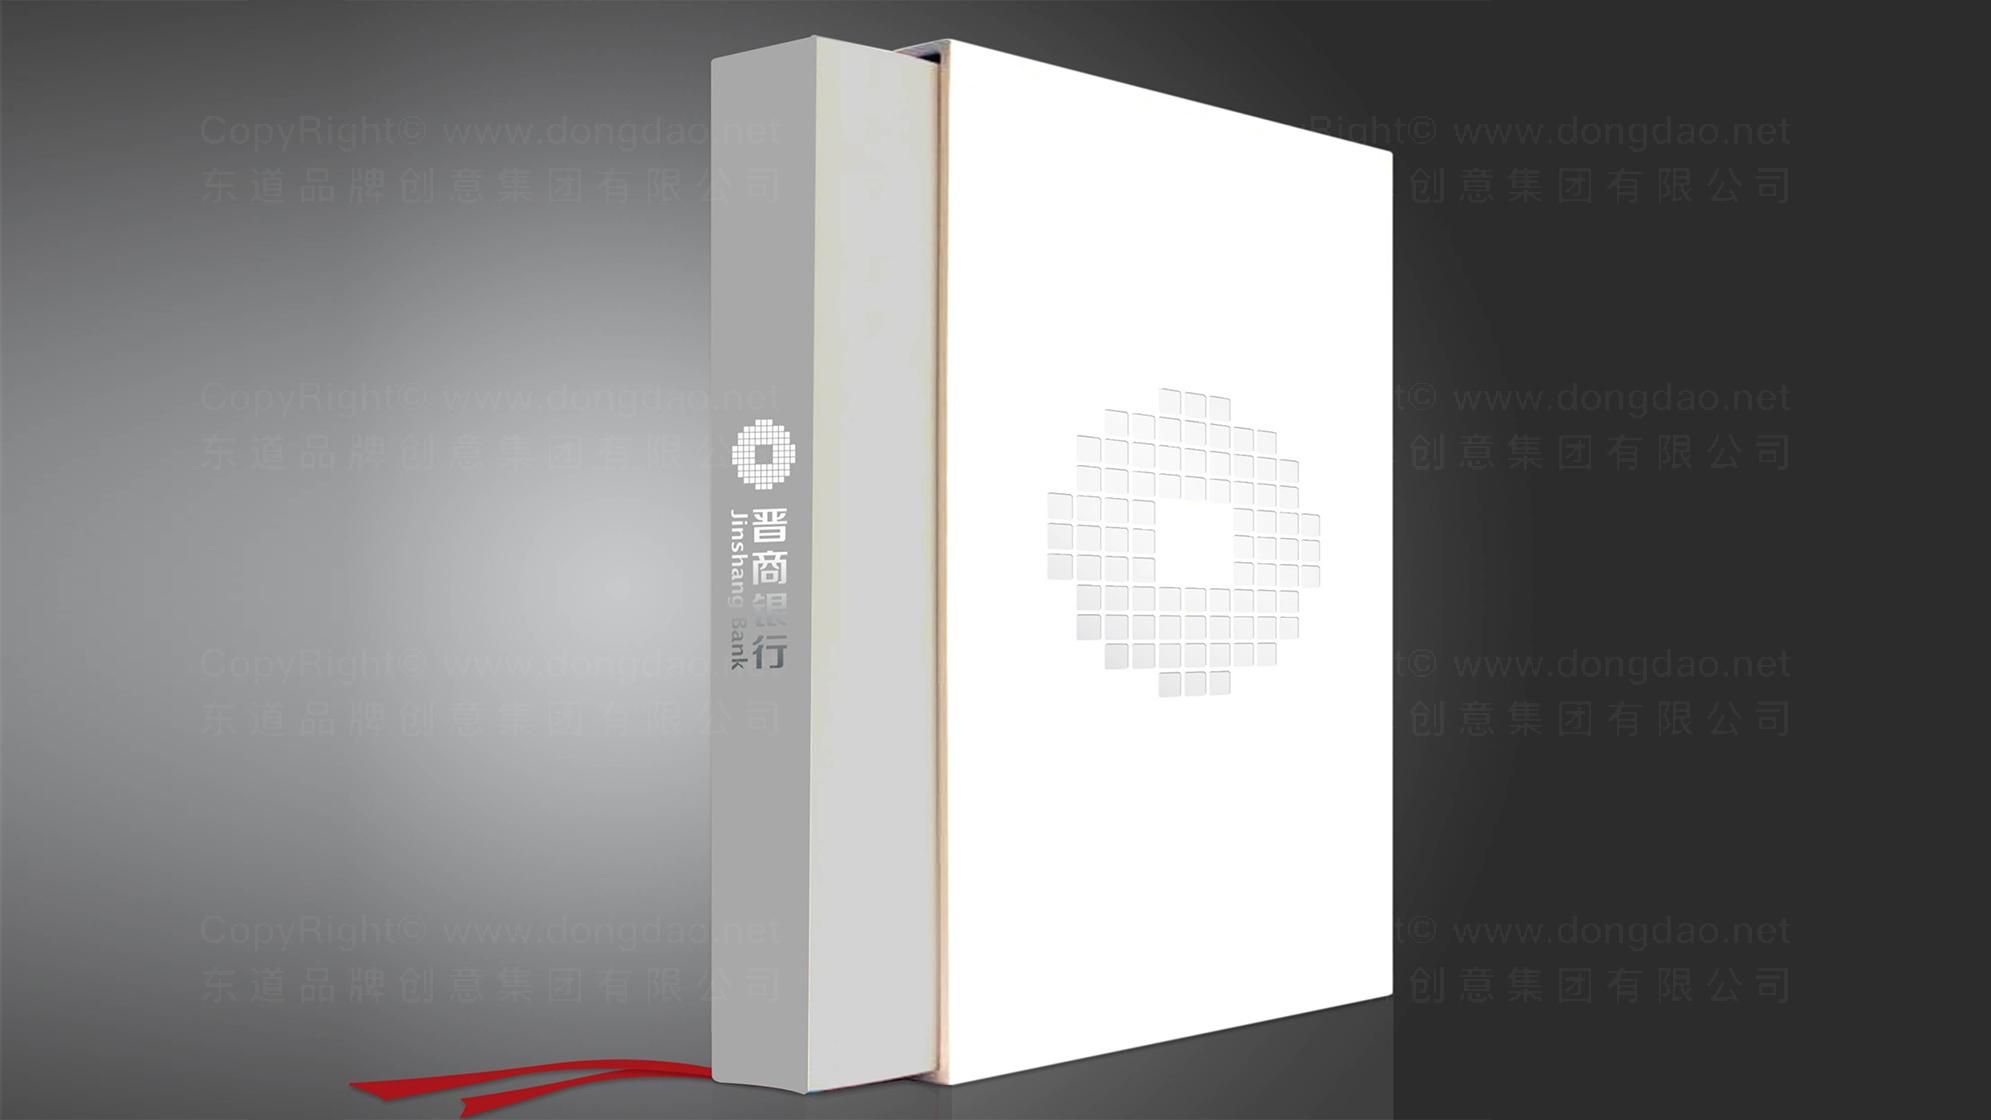 品牌设计晋商银行LOGO&VI设计应用场景